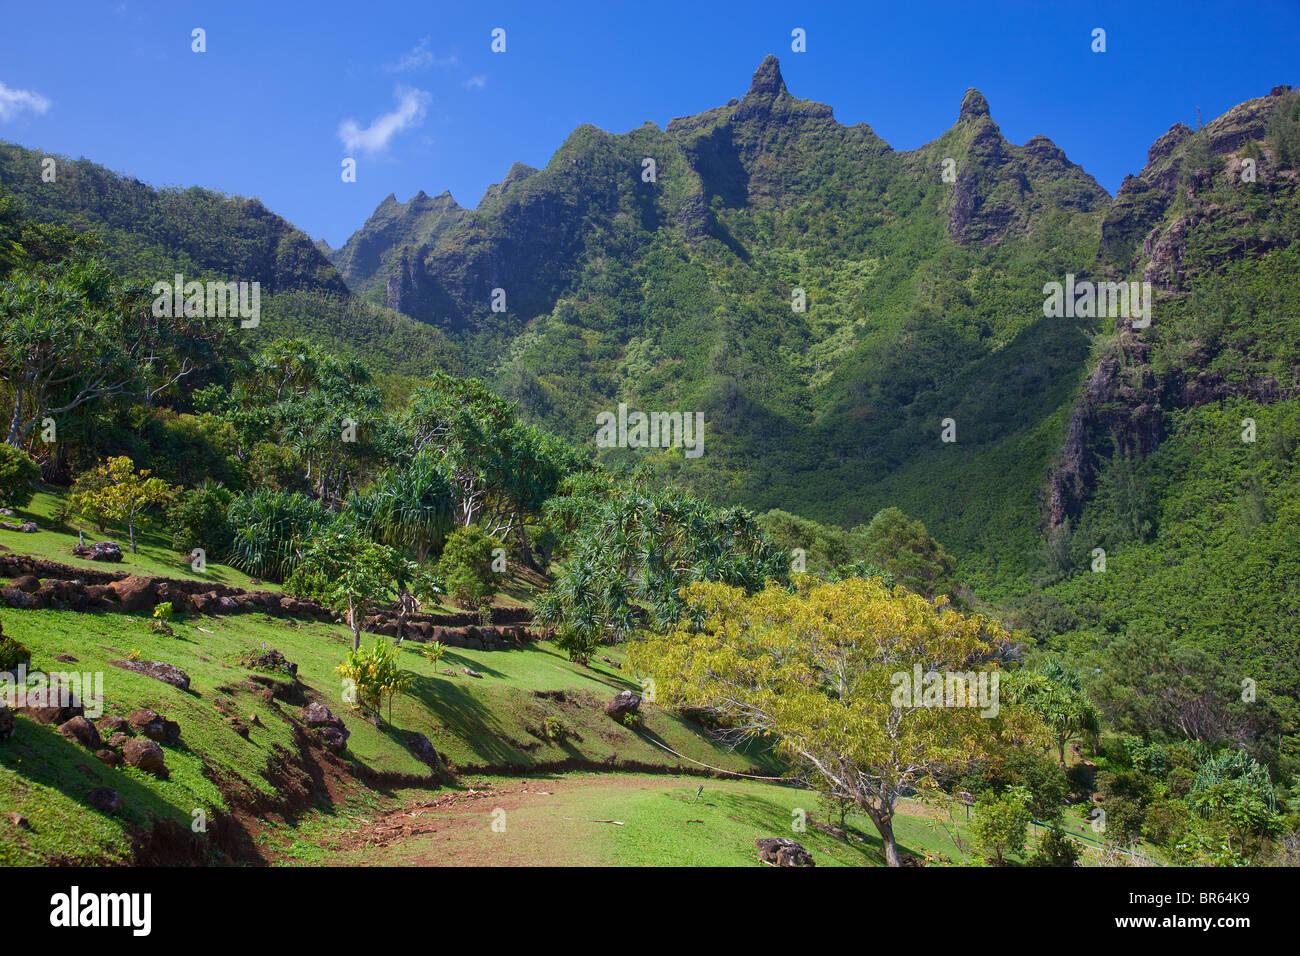 Kauai, HI: Makana Mountain Towers Above The Limahuli Garden, National  Tropical Botanical Garden